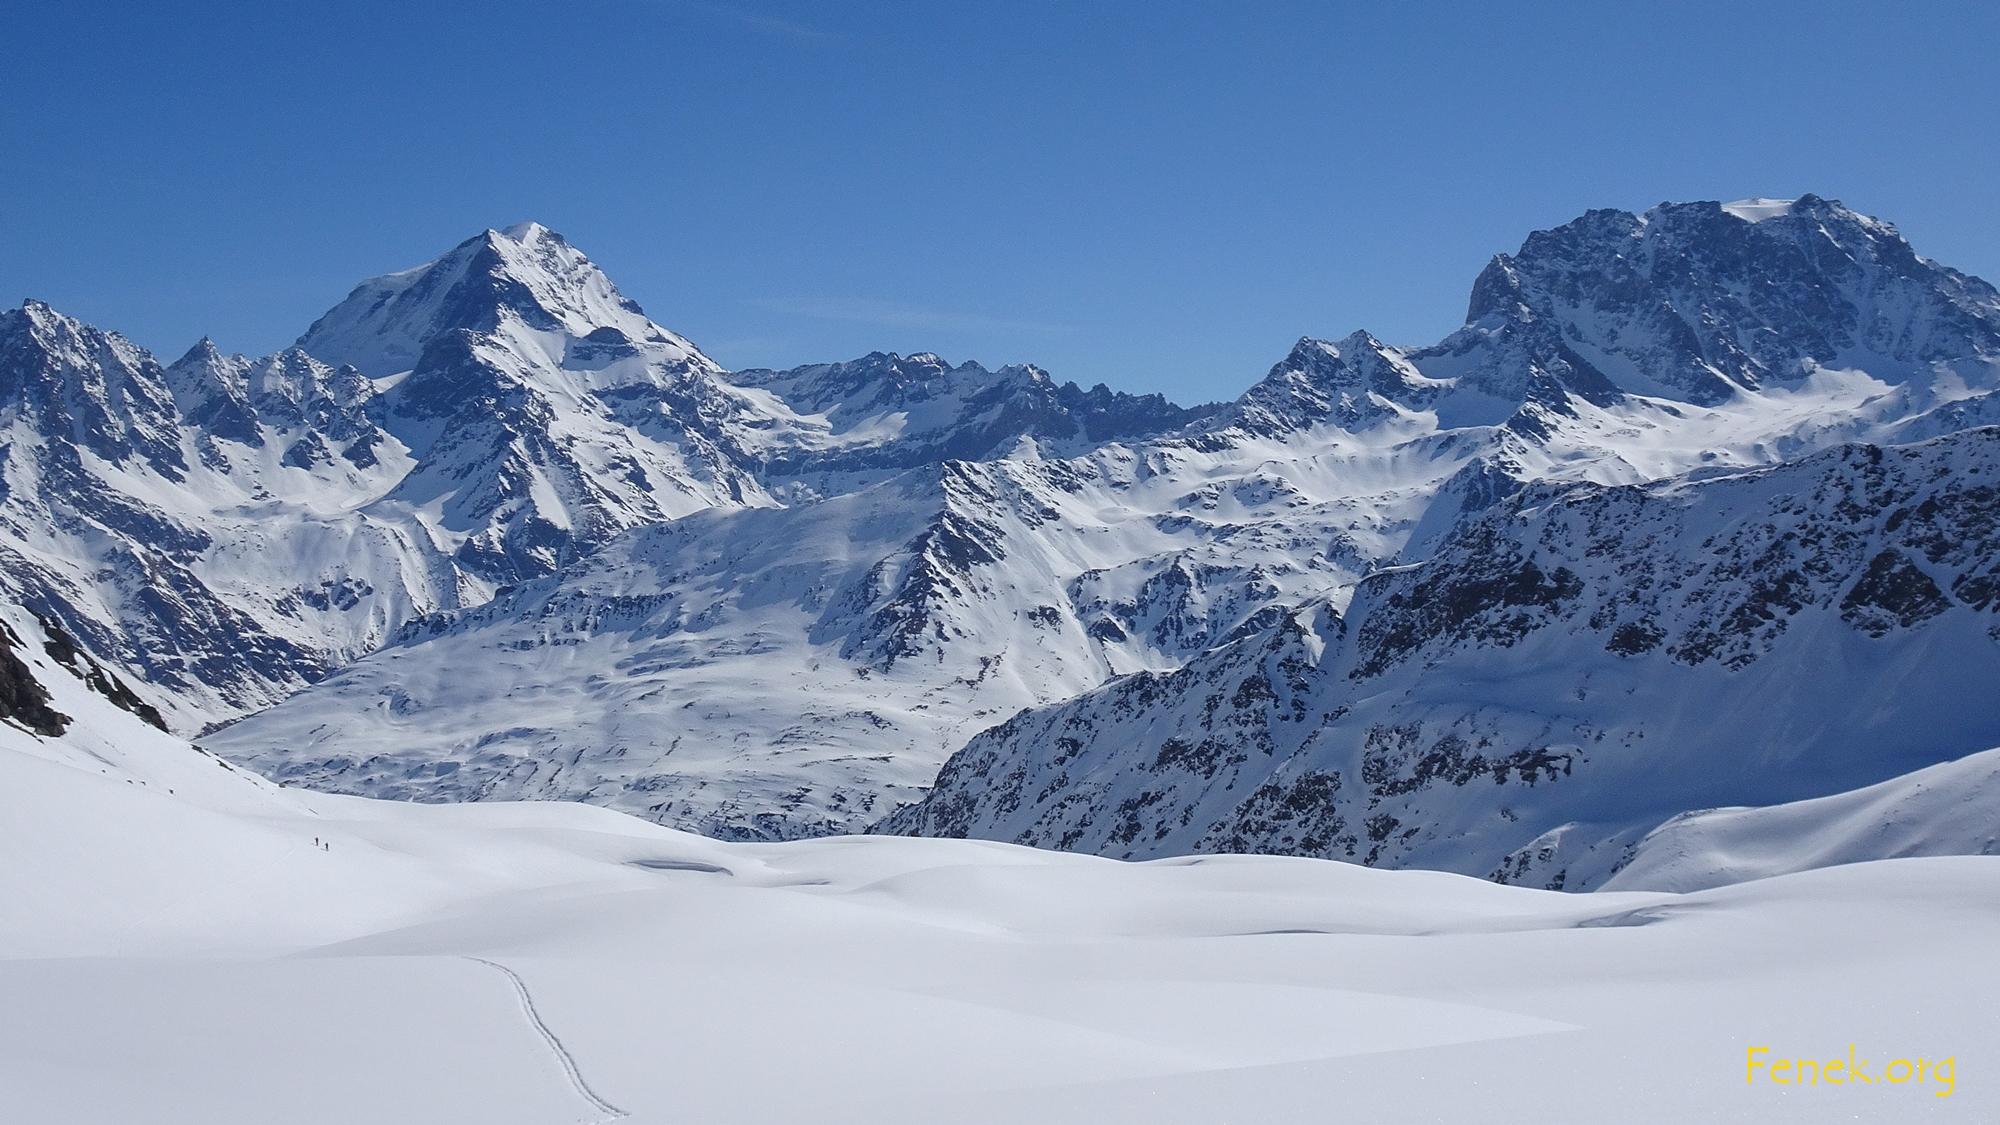 die beiden Dominatoren - Grand Combin und Mont Velan